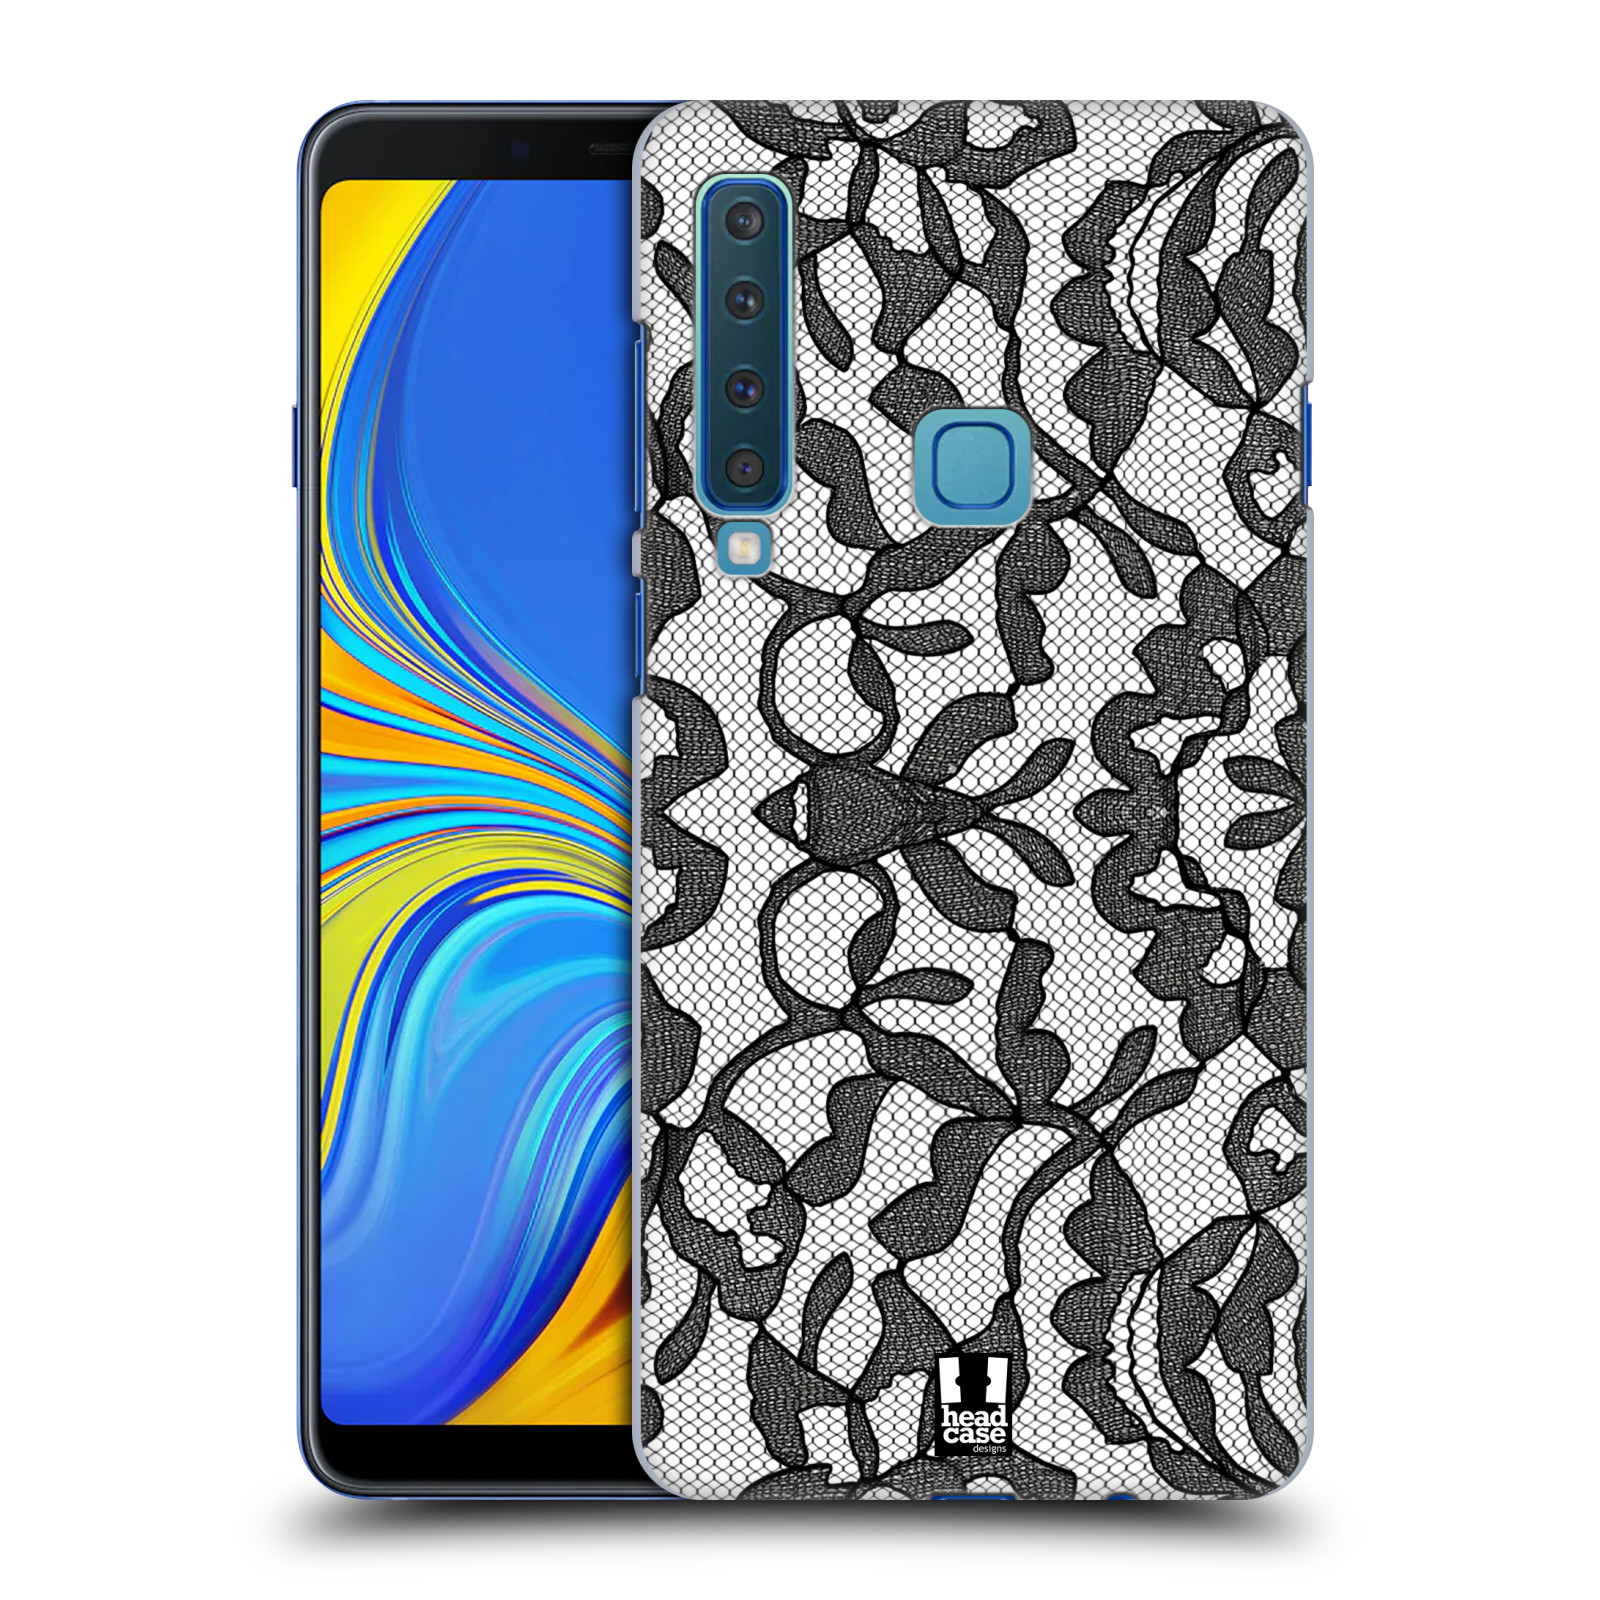 Plastové pouzdro na mobil Samsung Galaxy A9 (2018) - Head Case - LEAFY KRAJKA